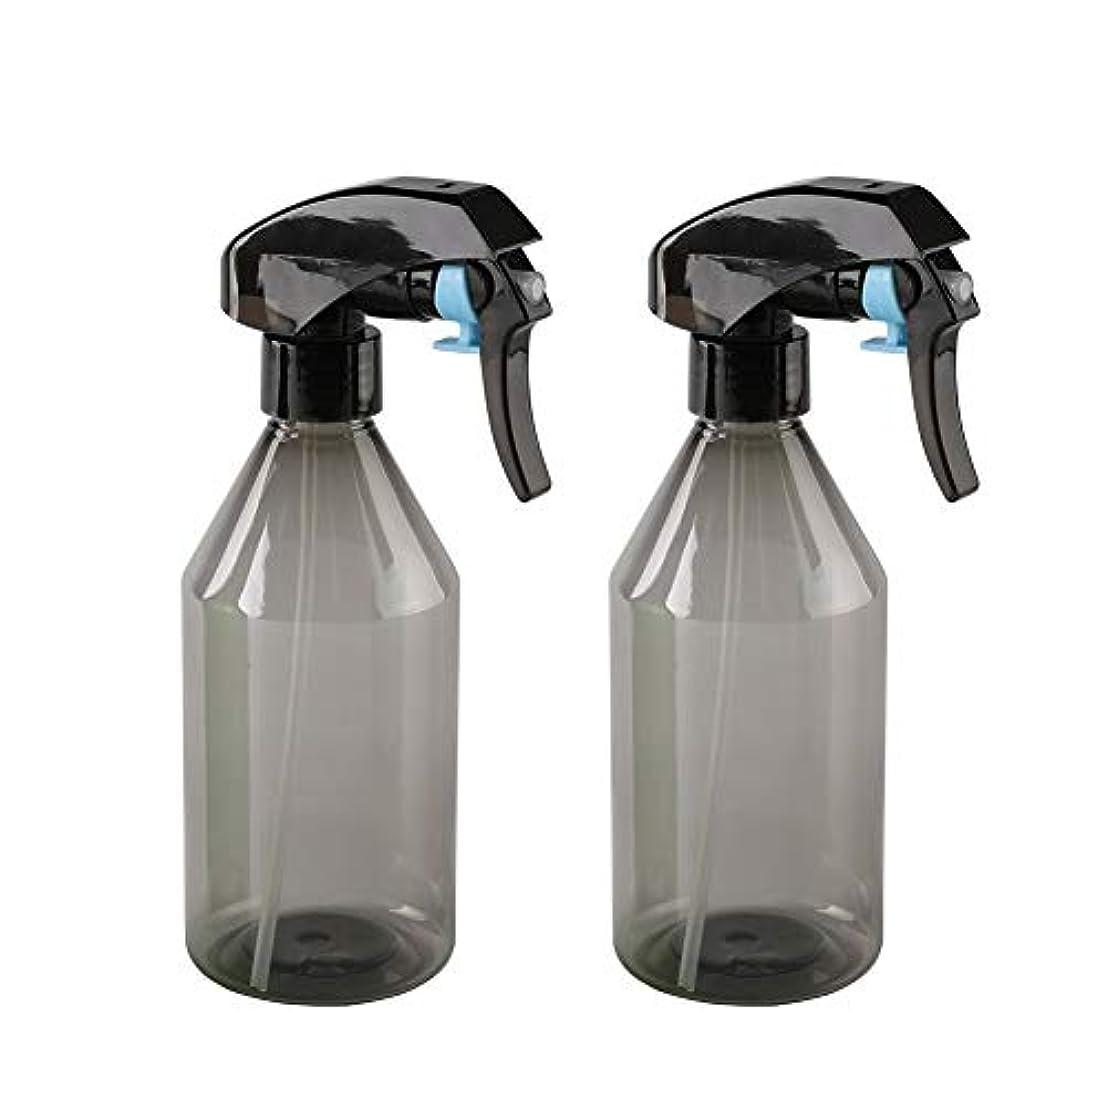 シャイニング残酷なアルカイックプラスチックエアスプレーボトル|超微細スプレー 詰め替え式スプレー容器 - 掃除、植物、ヘアー用 300ml*2個 (グレイ)